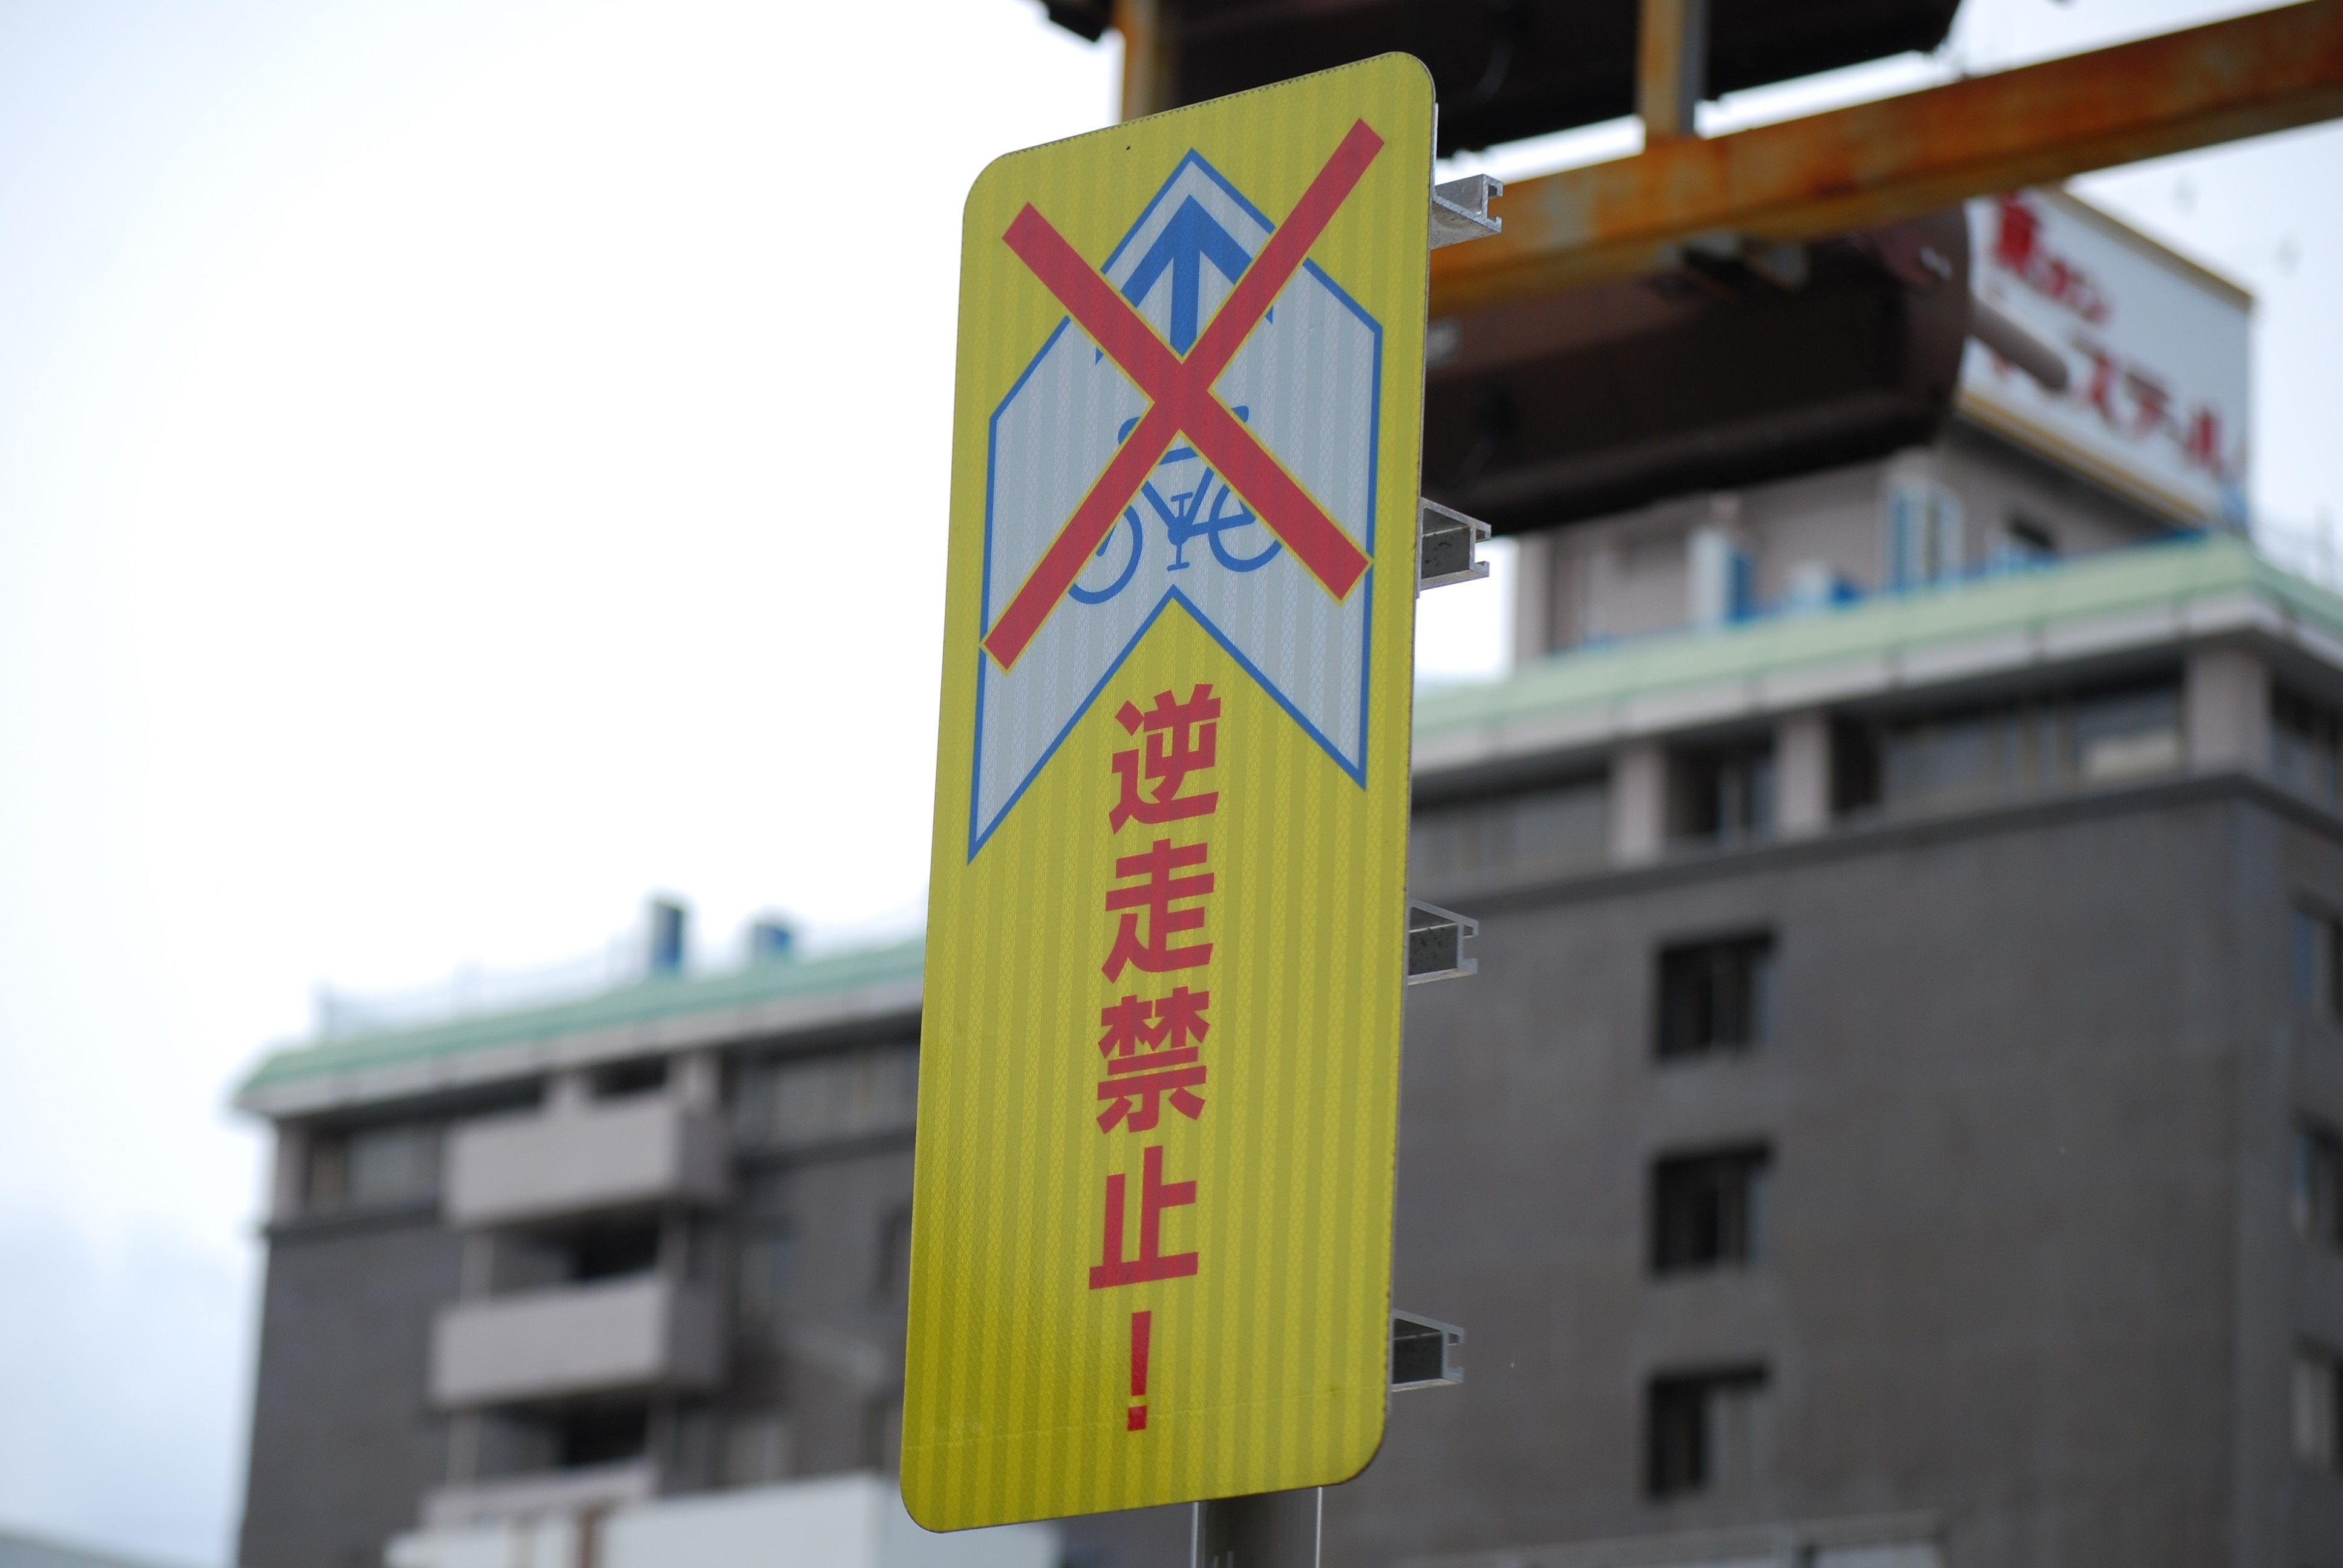 【違反すると罰金5万円!!】自転車の逆走をこのまま放置していいのか?